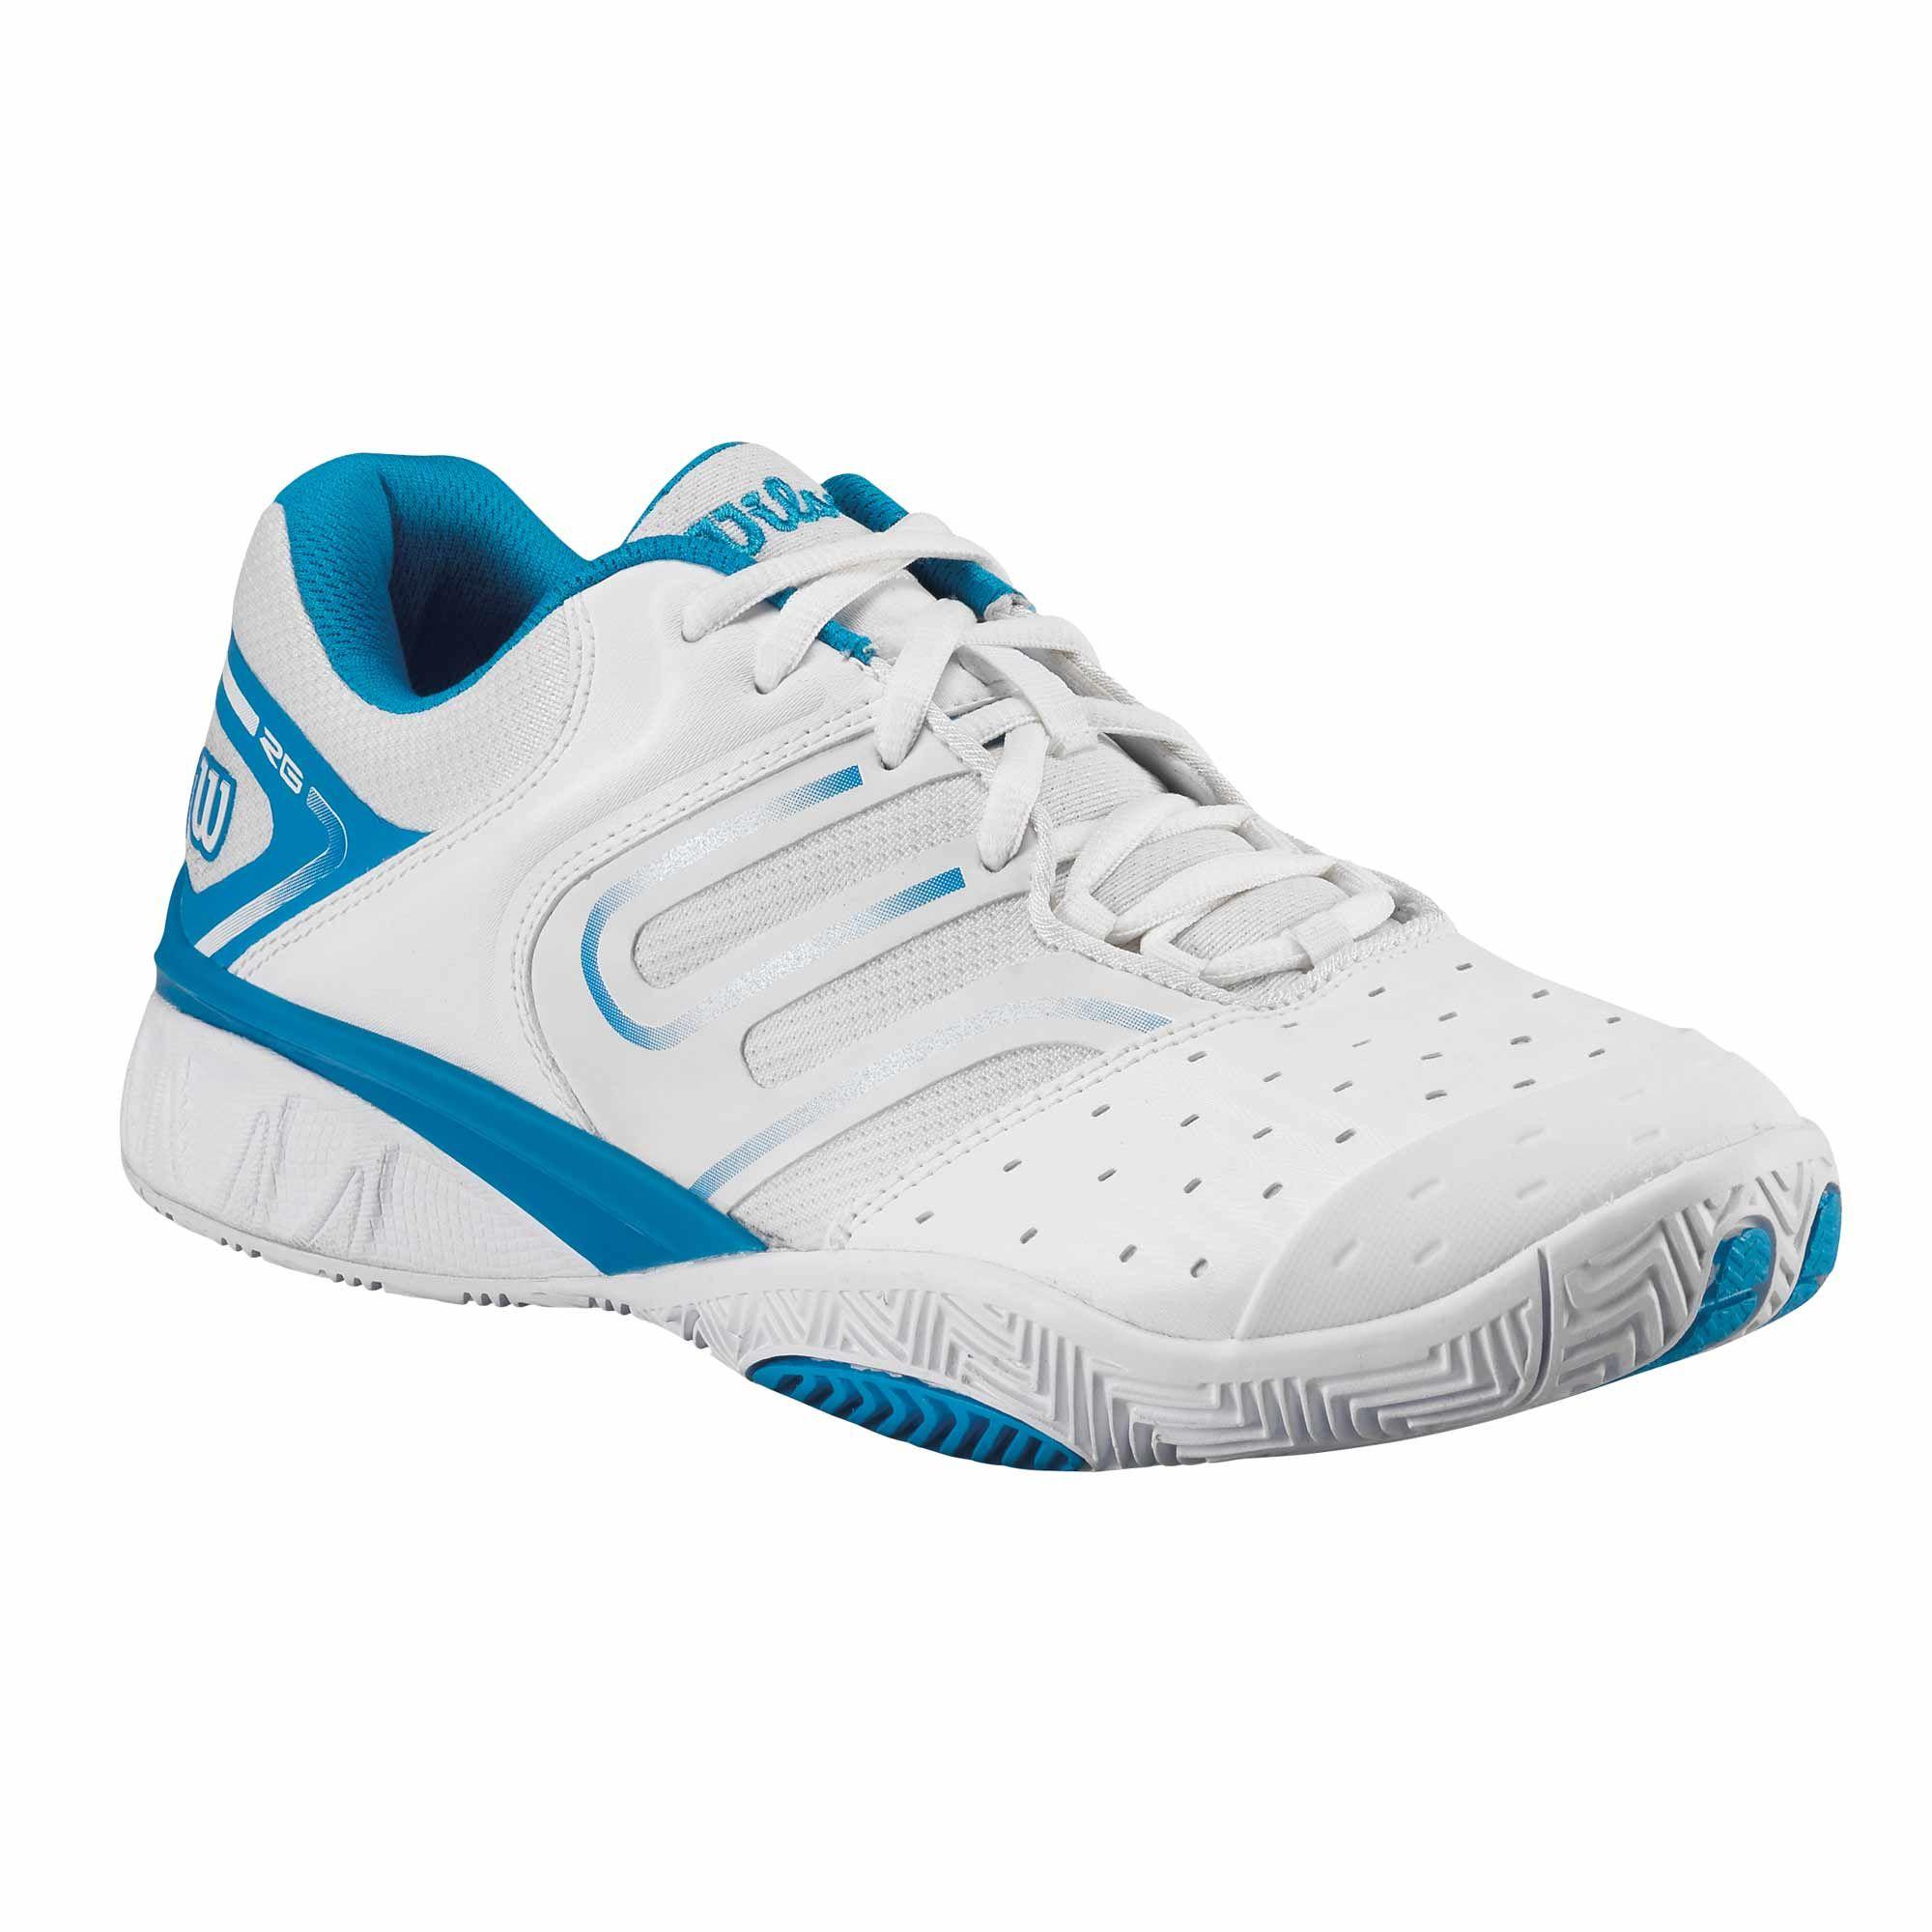 Wilson Tour Ikon Womens Tennis Shoes - Sweatband.com